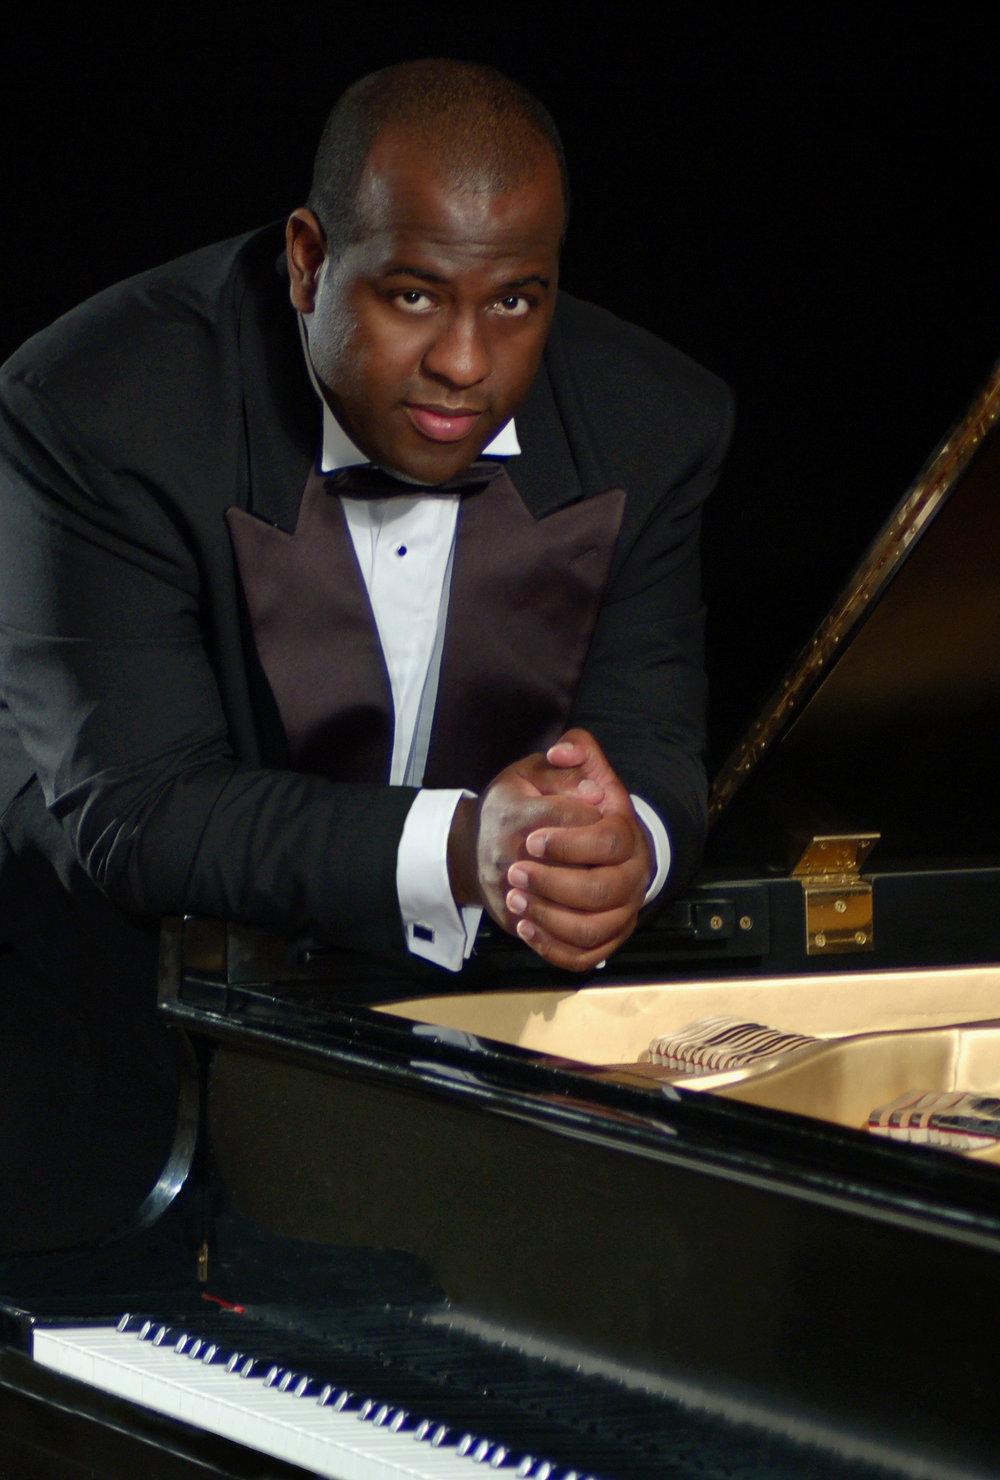 Adonis Gonzalez - CONCERT PIANIST